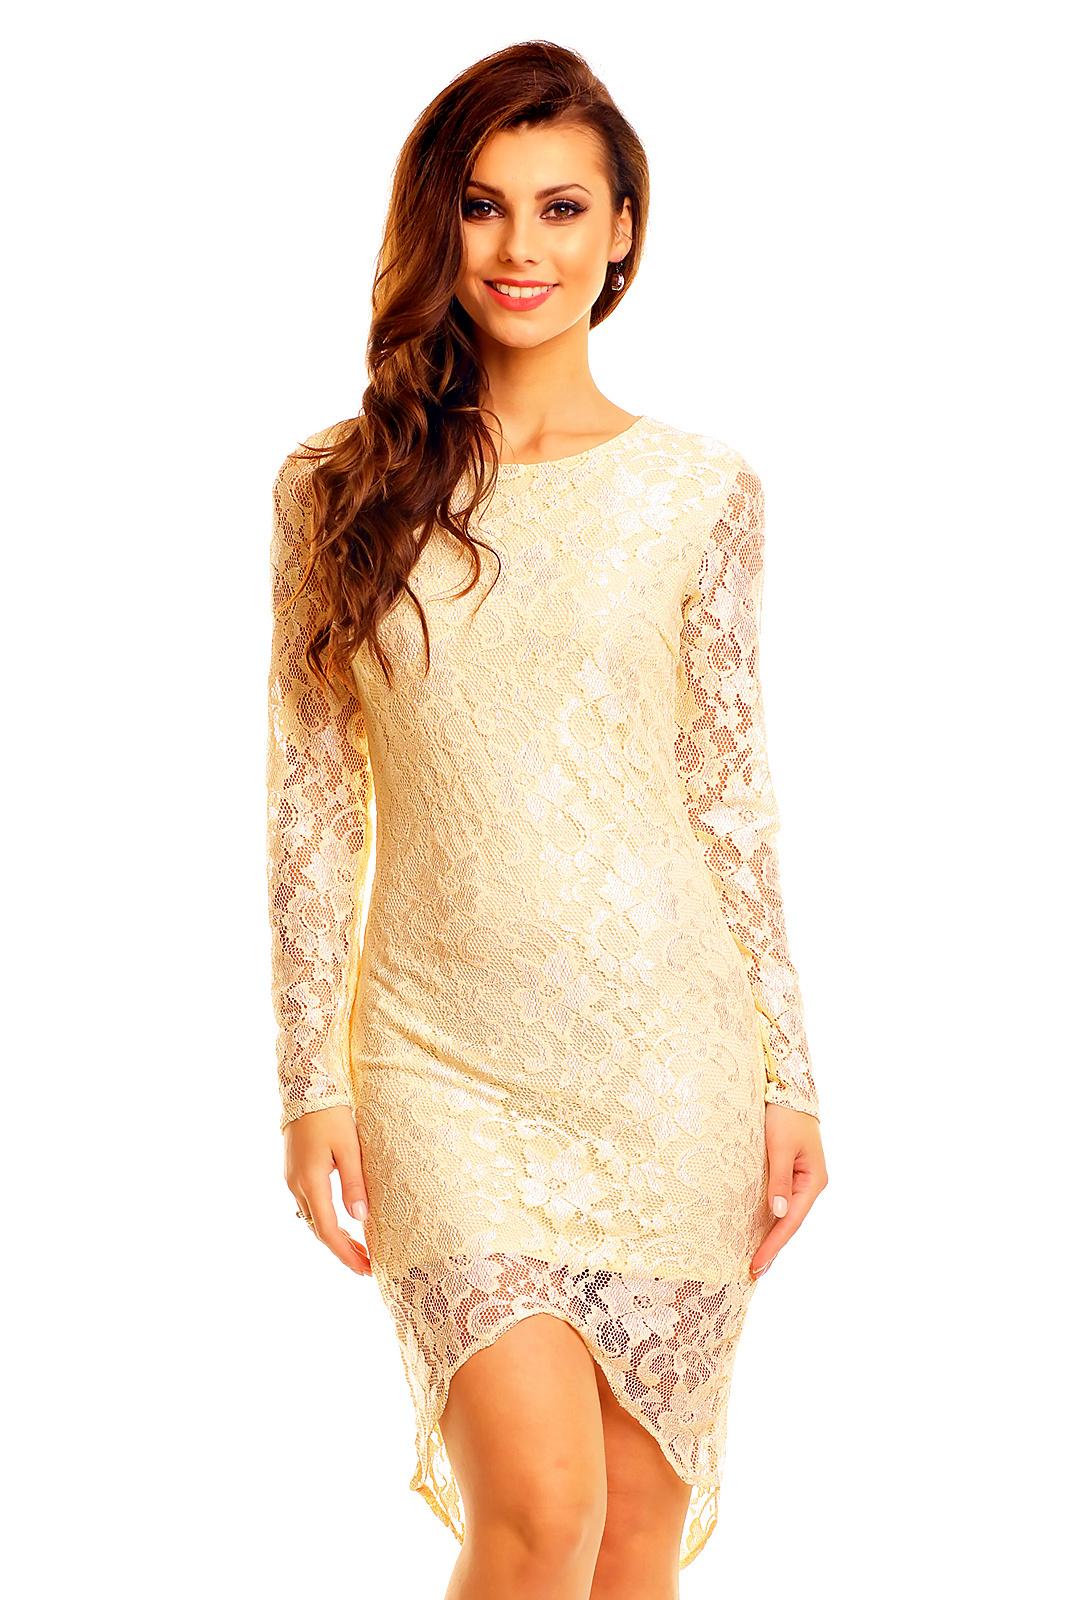 Společenské šaty MAYAADI krajkové s asymetrickou sukní krémové ... ffe922b971